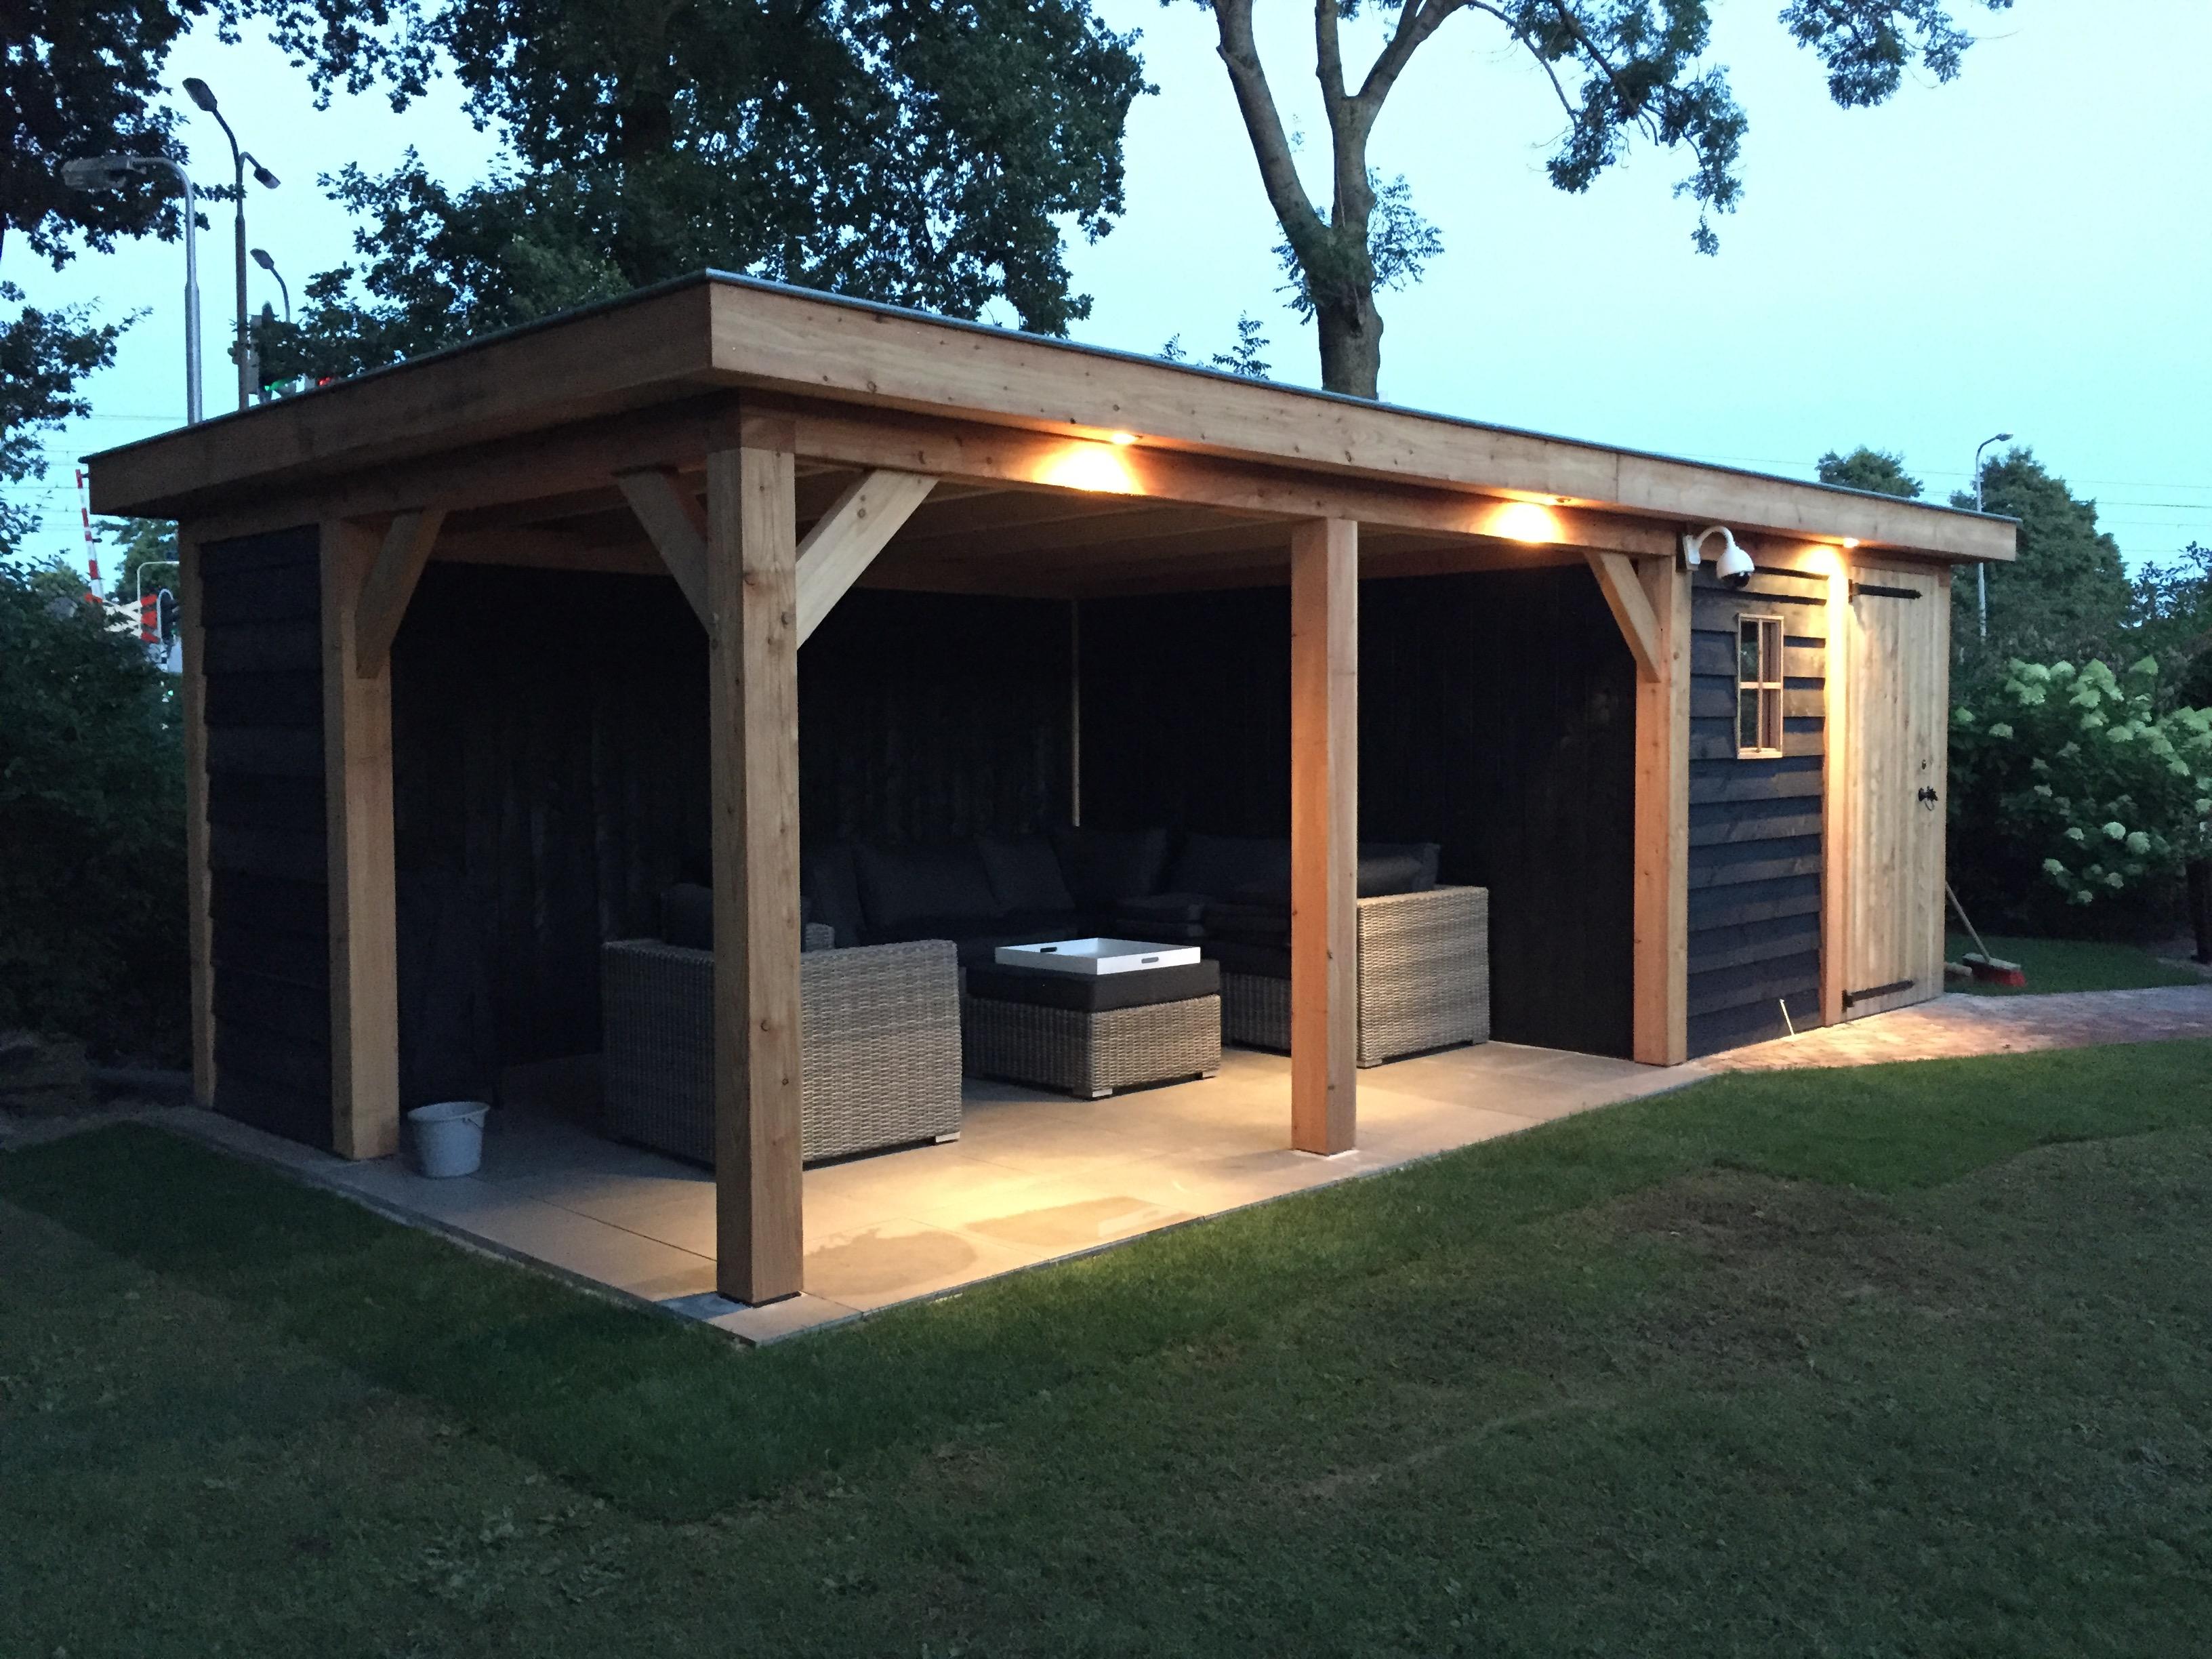 veranda_platdak_(3) - Sfeervol genieten van de zomer onder een stijlvolle houten overkapping.